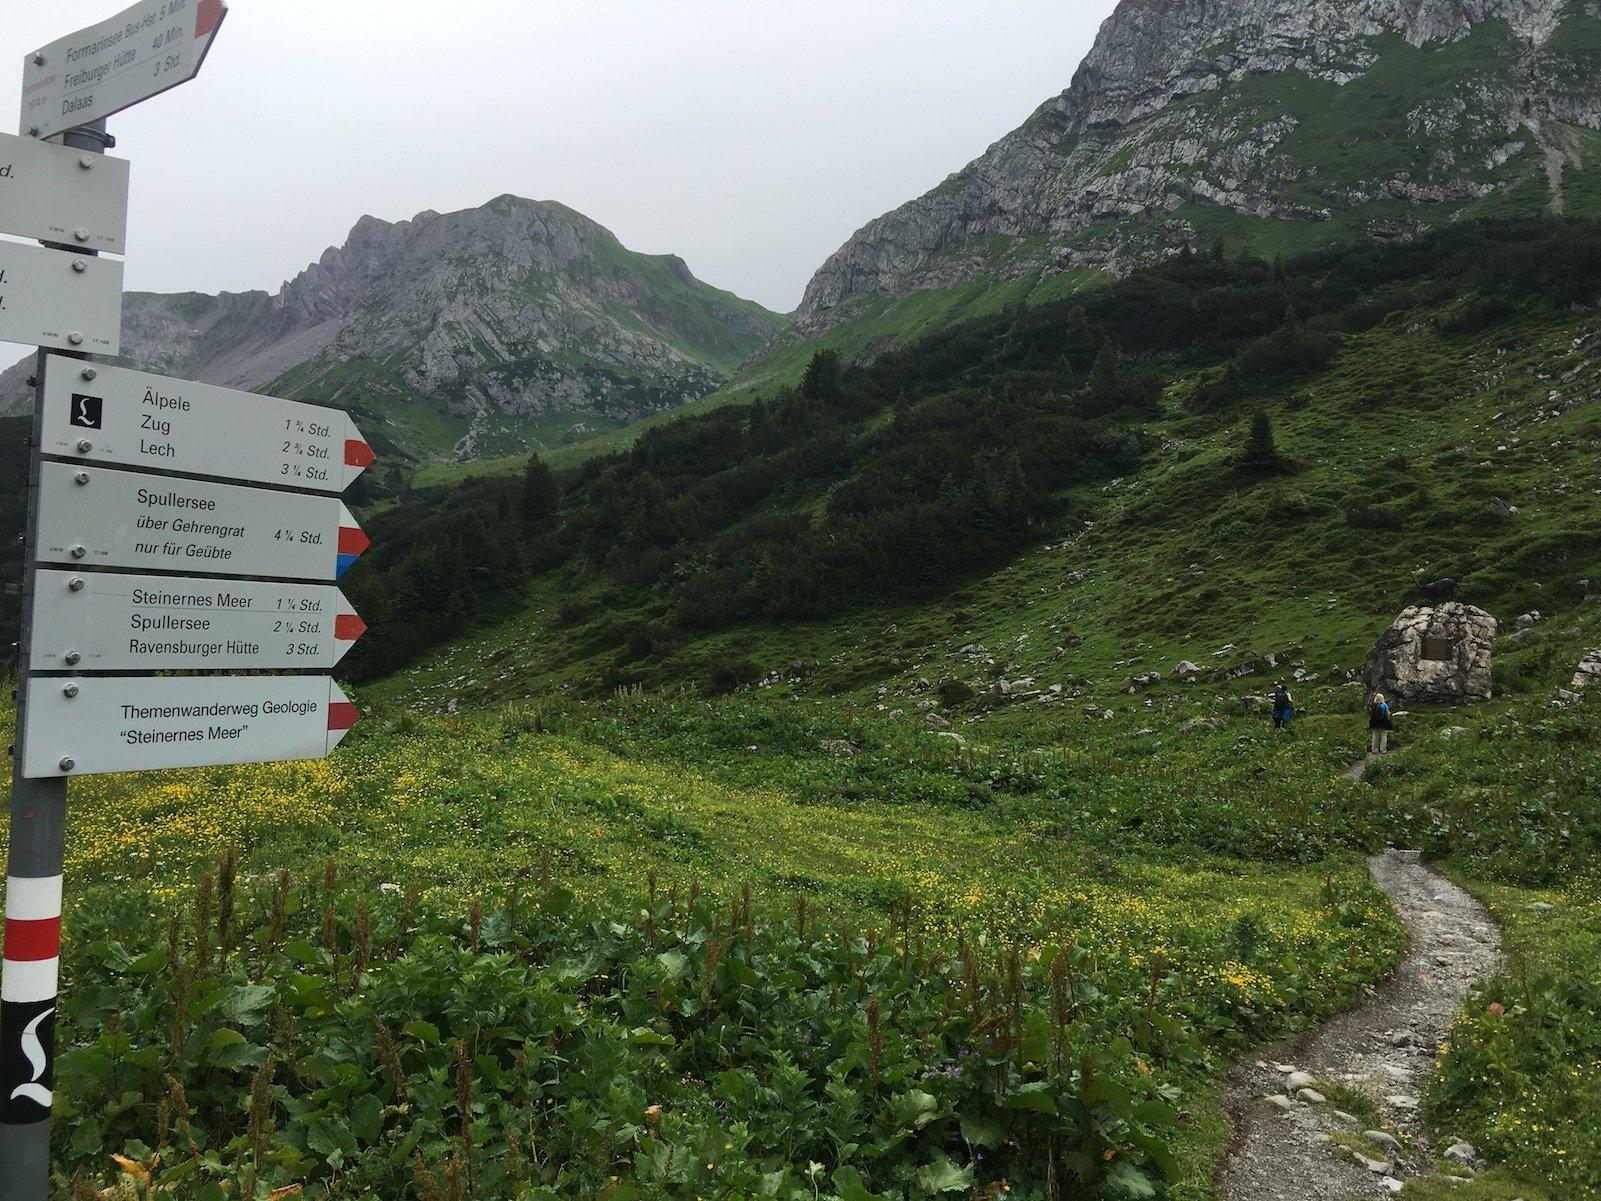 Zahlreiche Schilder am Einstieg in den Lechweg in der Nähe des Formarinsees